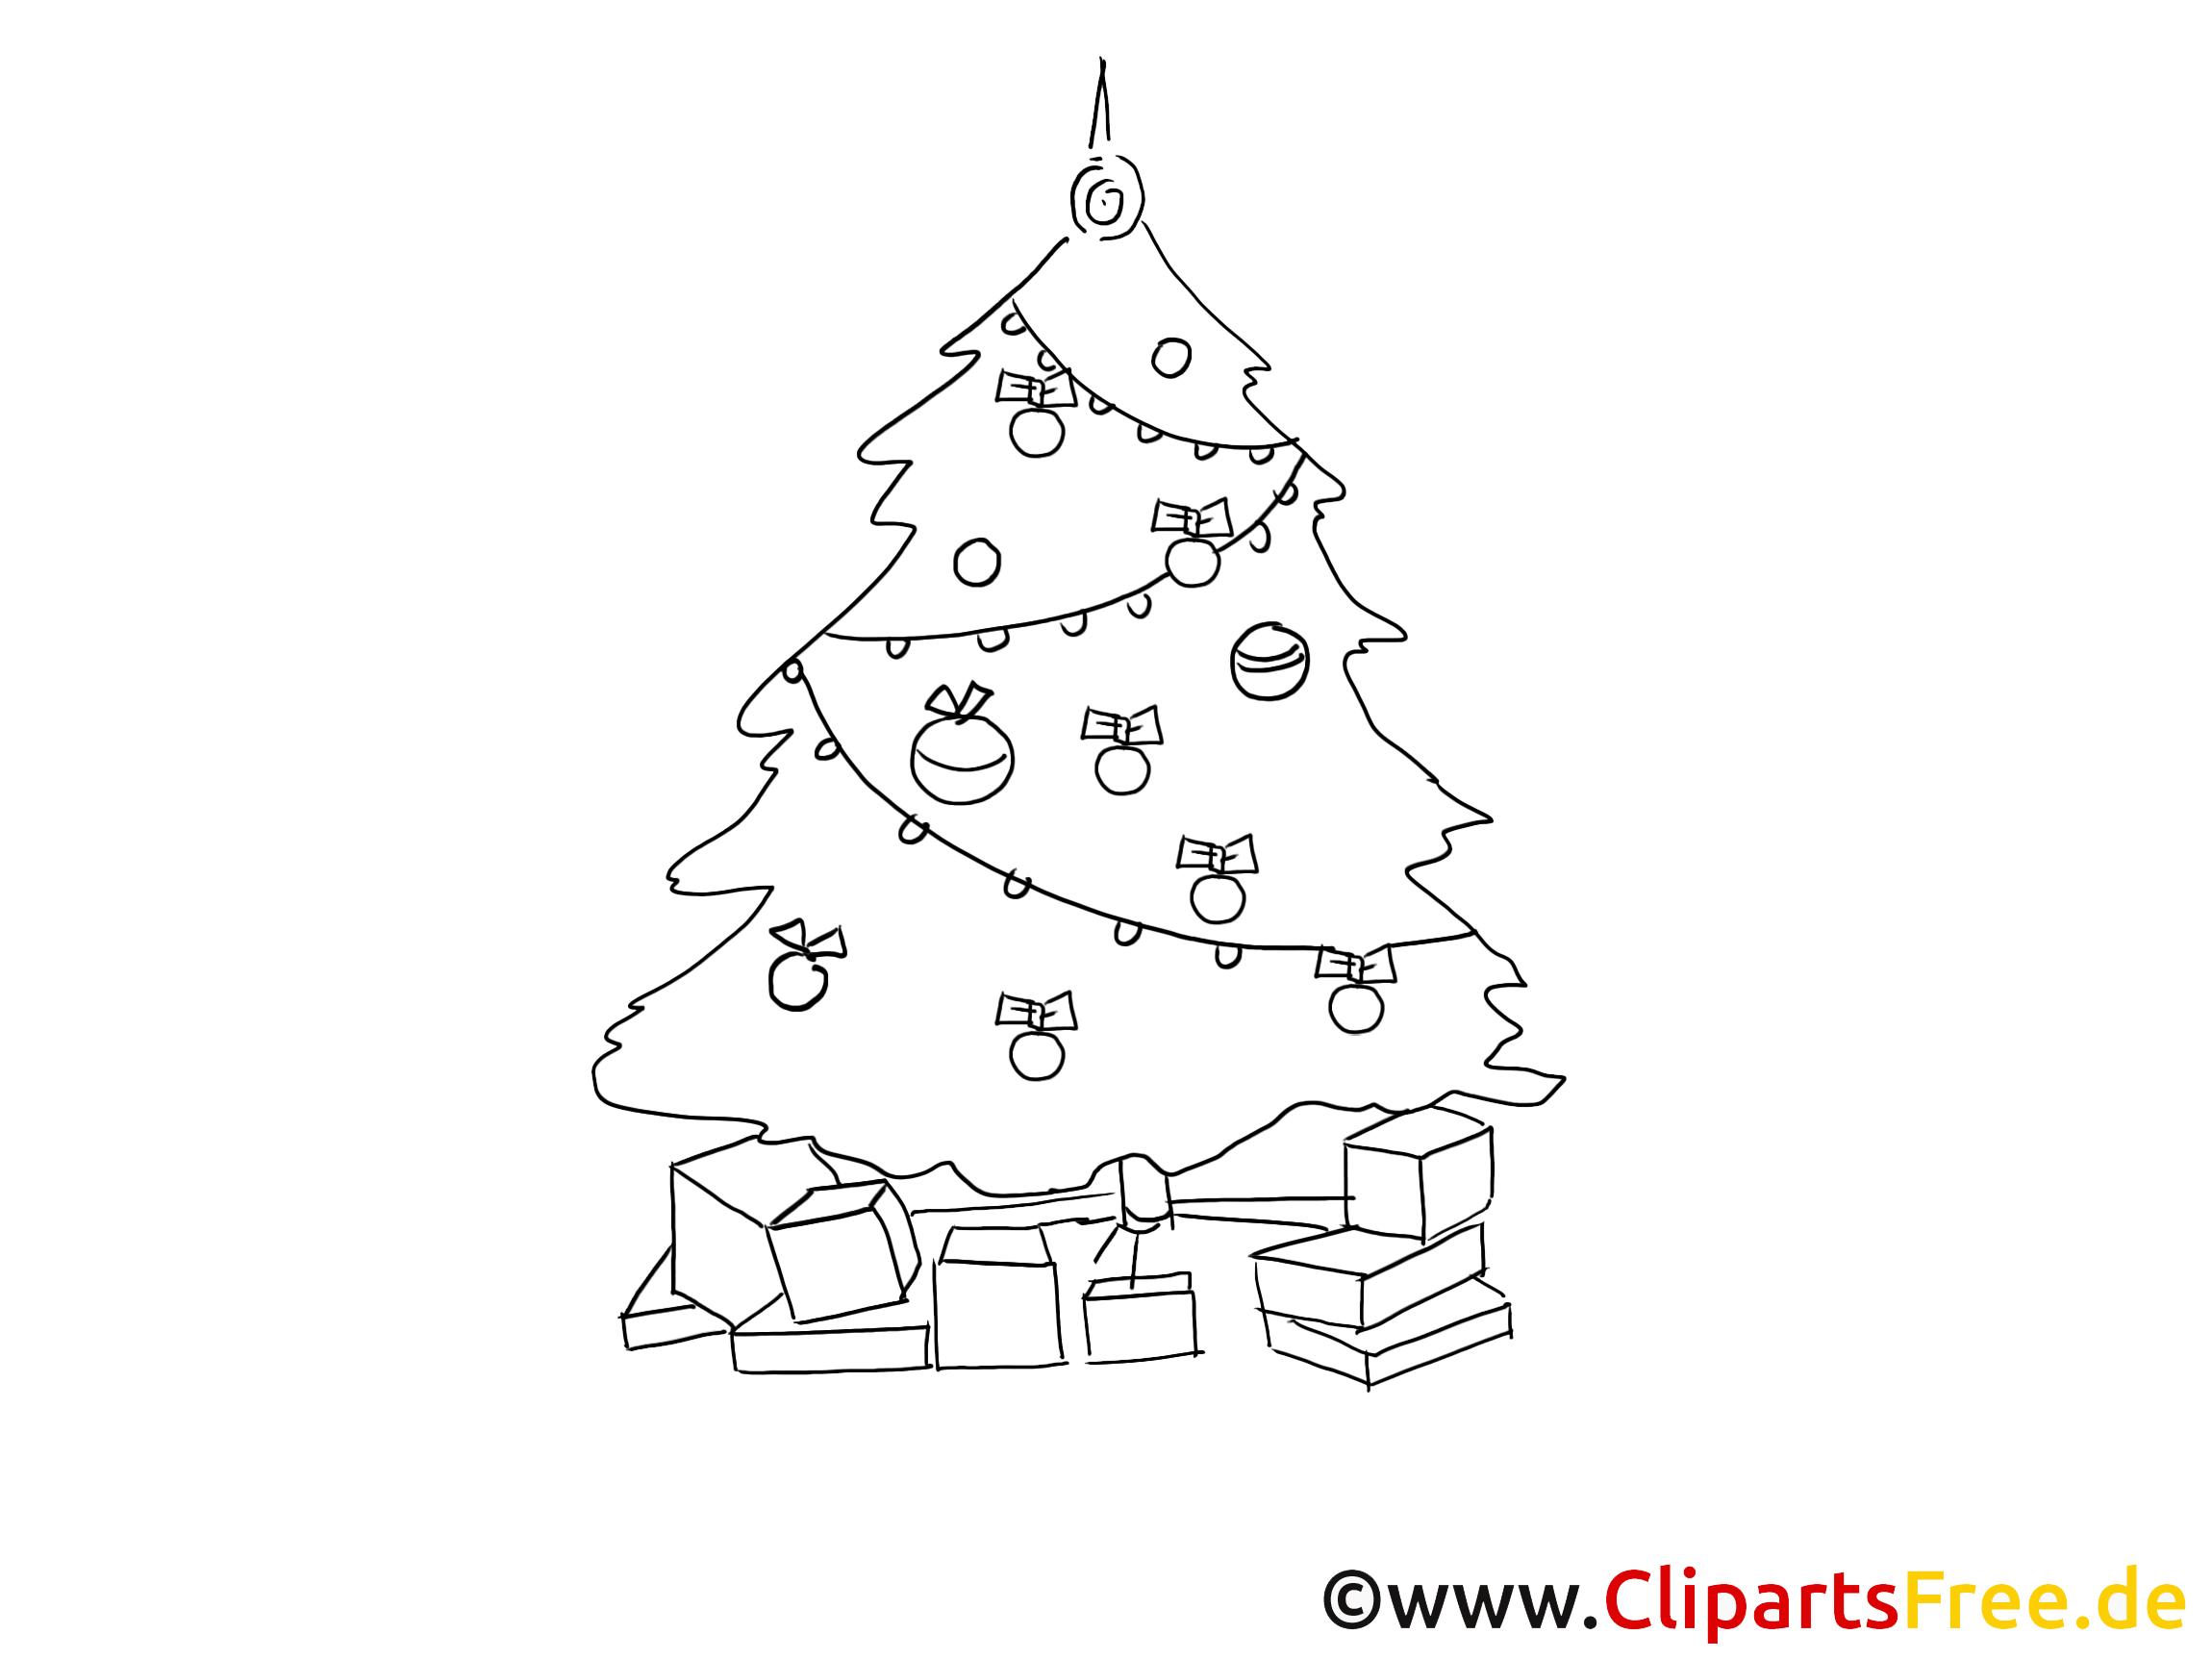 Weihnachtsbaum Schwarz.Clipart Tannenbaum Schwarz Weiss